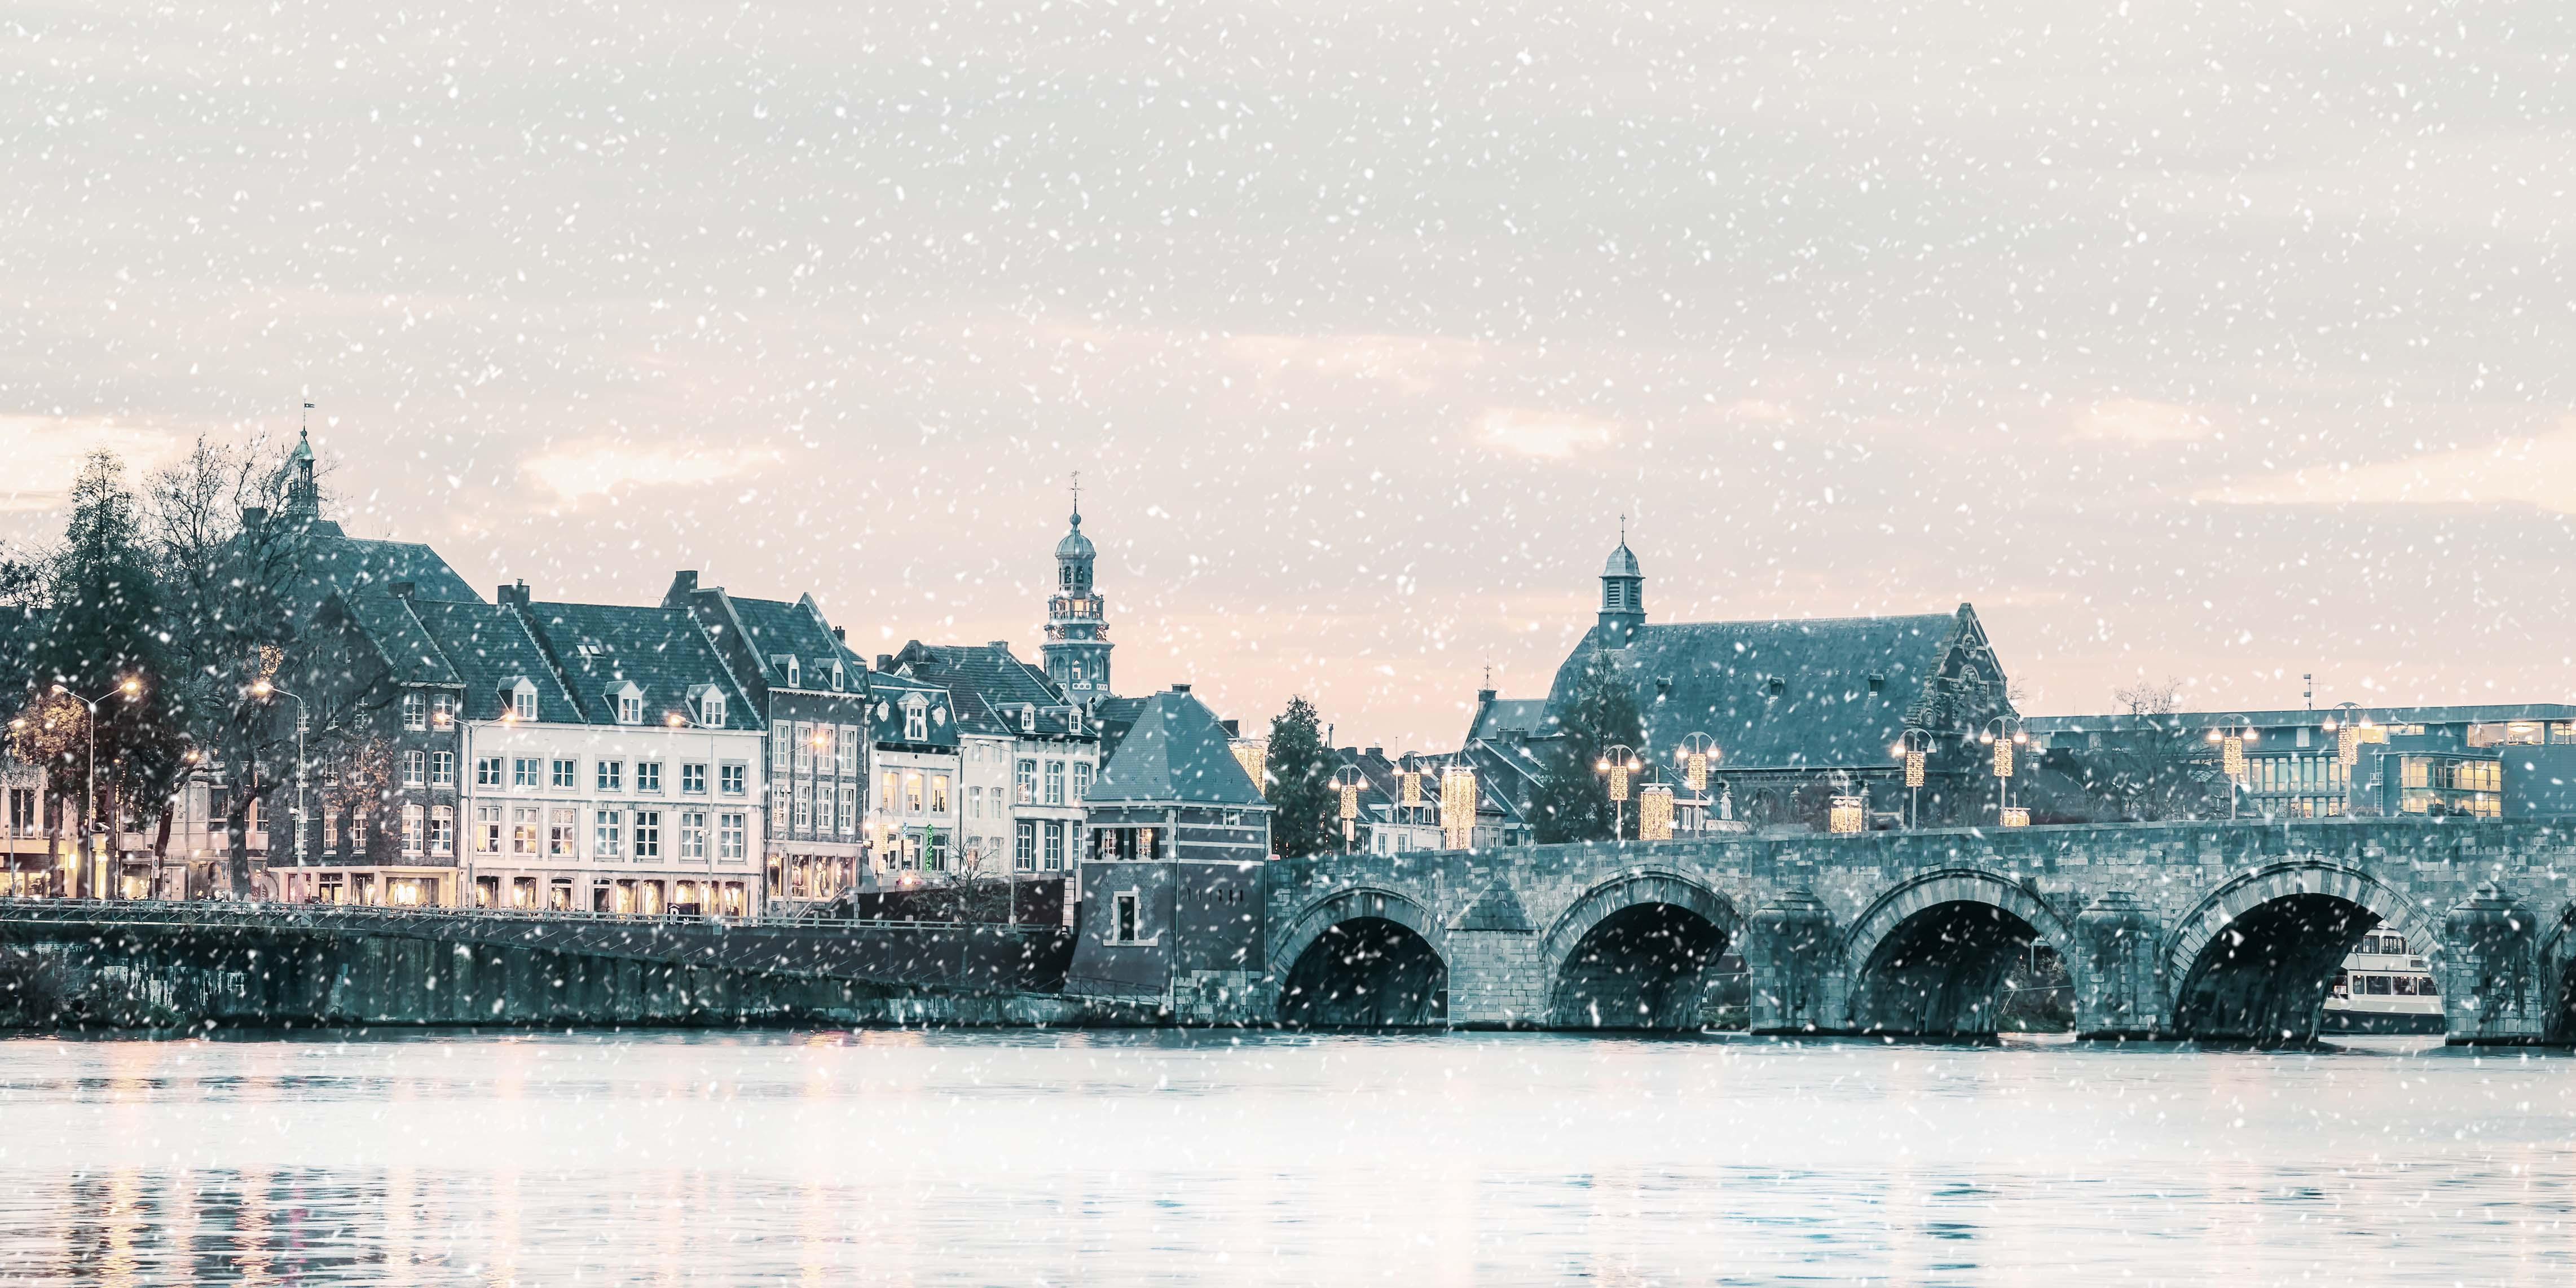 Visit Maastricht Visit Maastricht